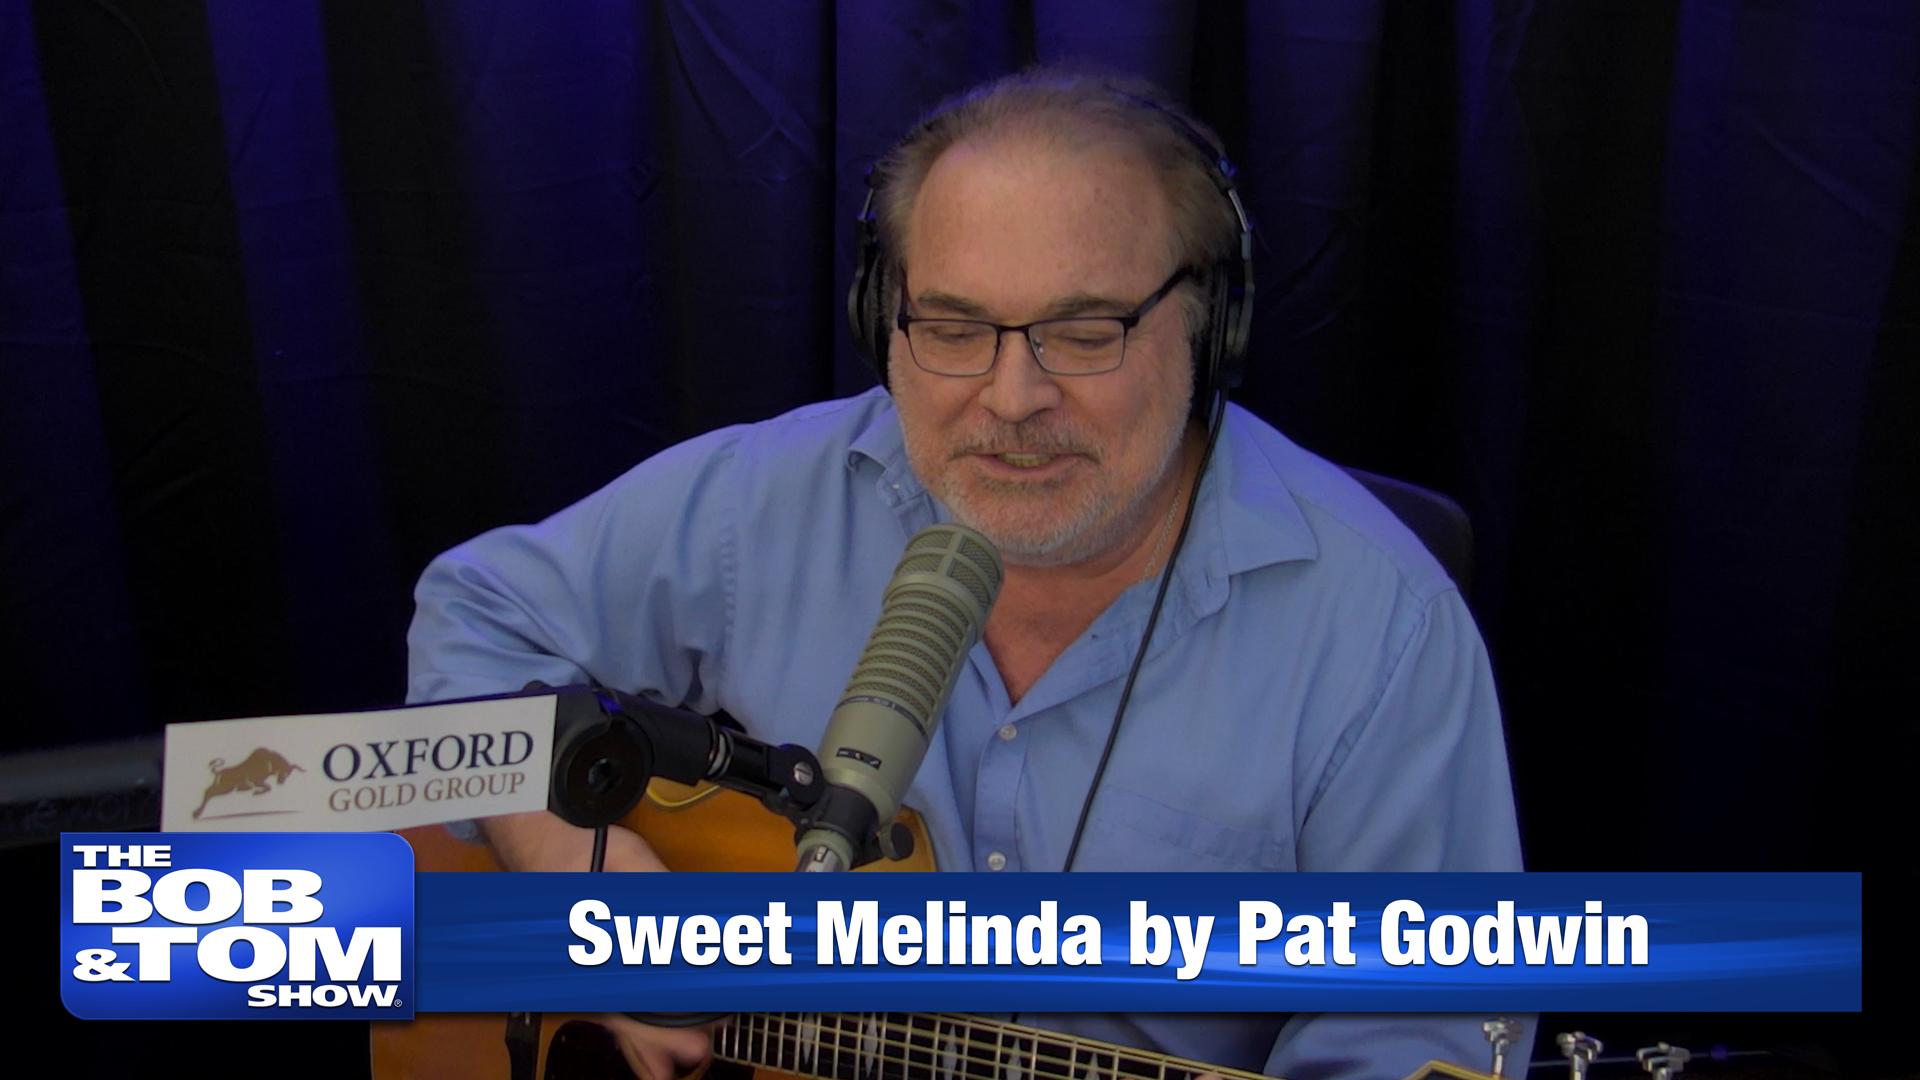 Sweet Melinda by Pat Godwin